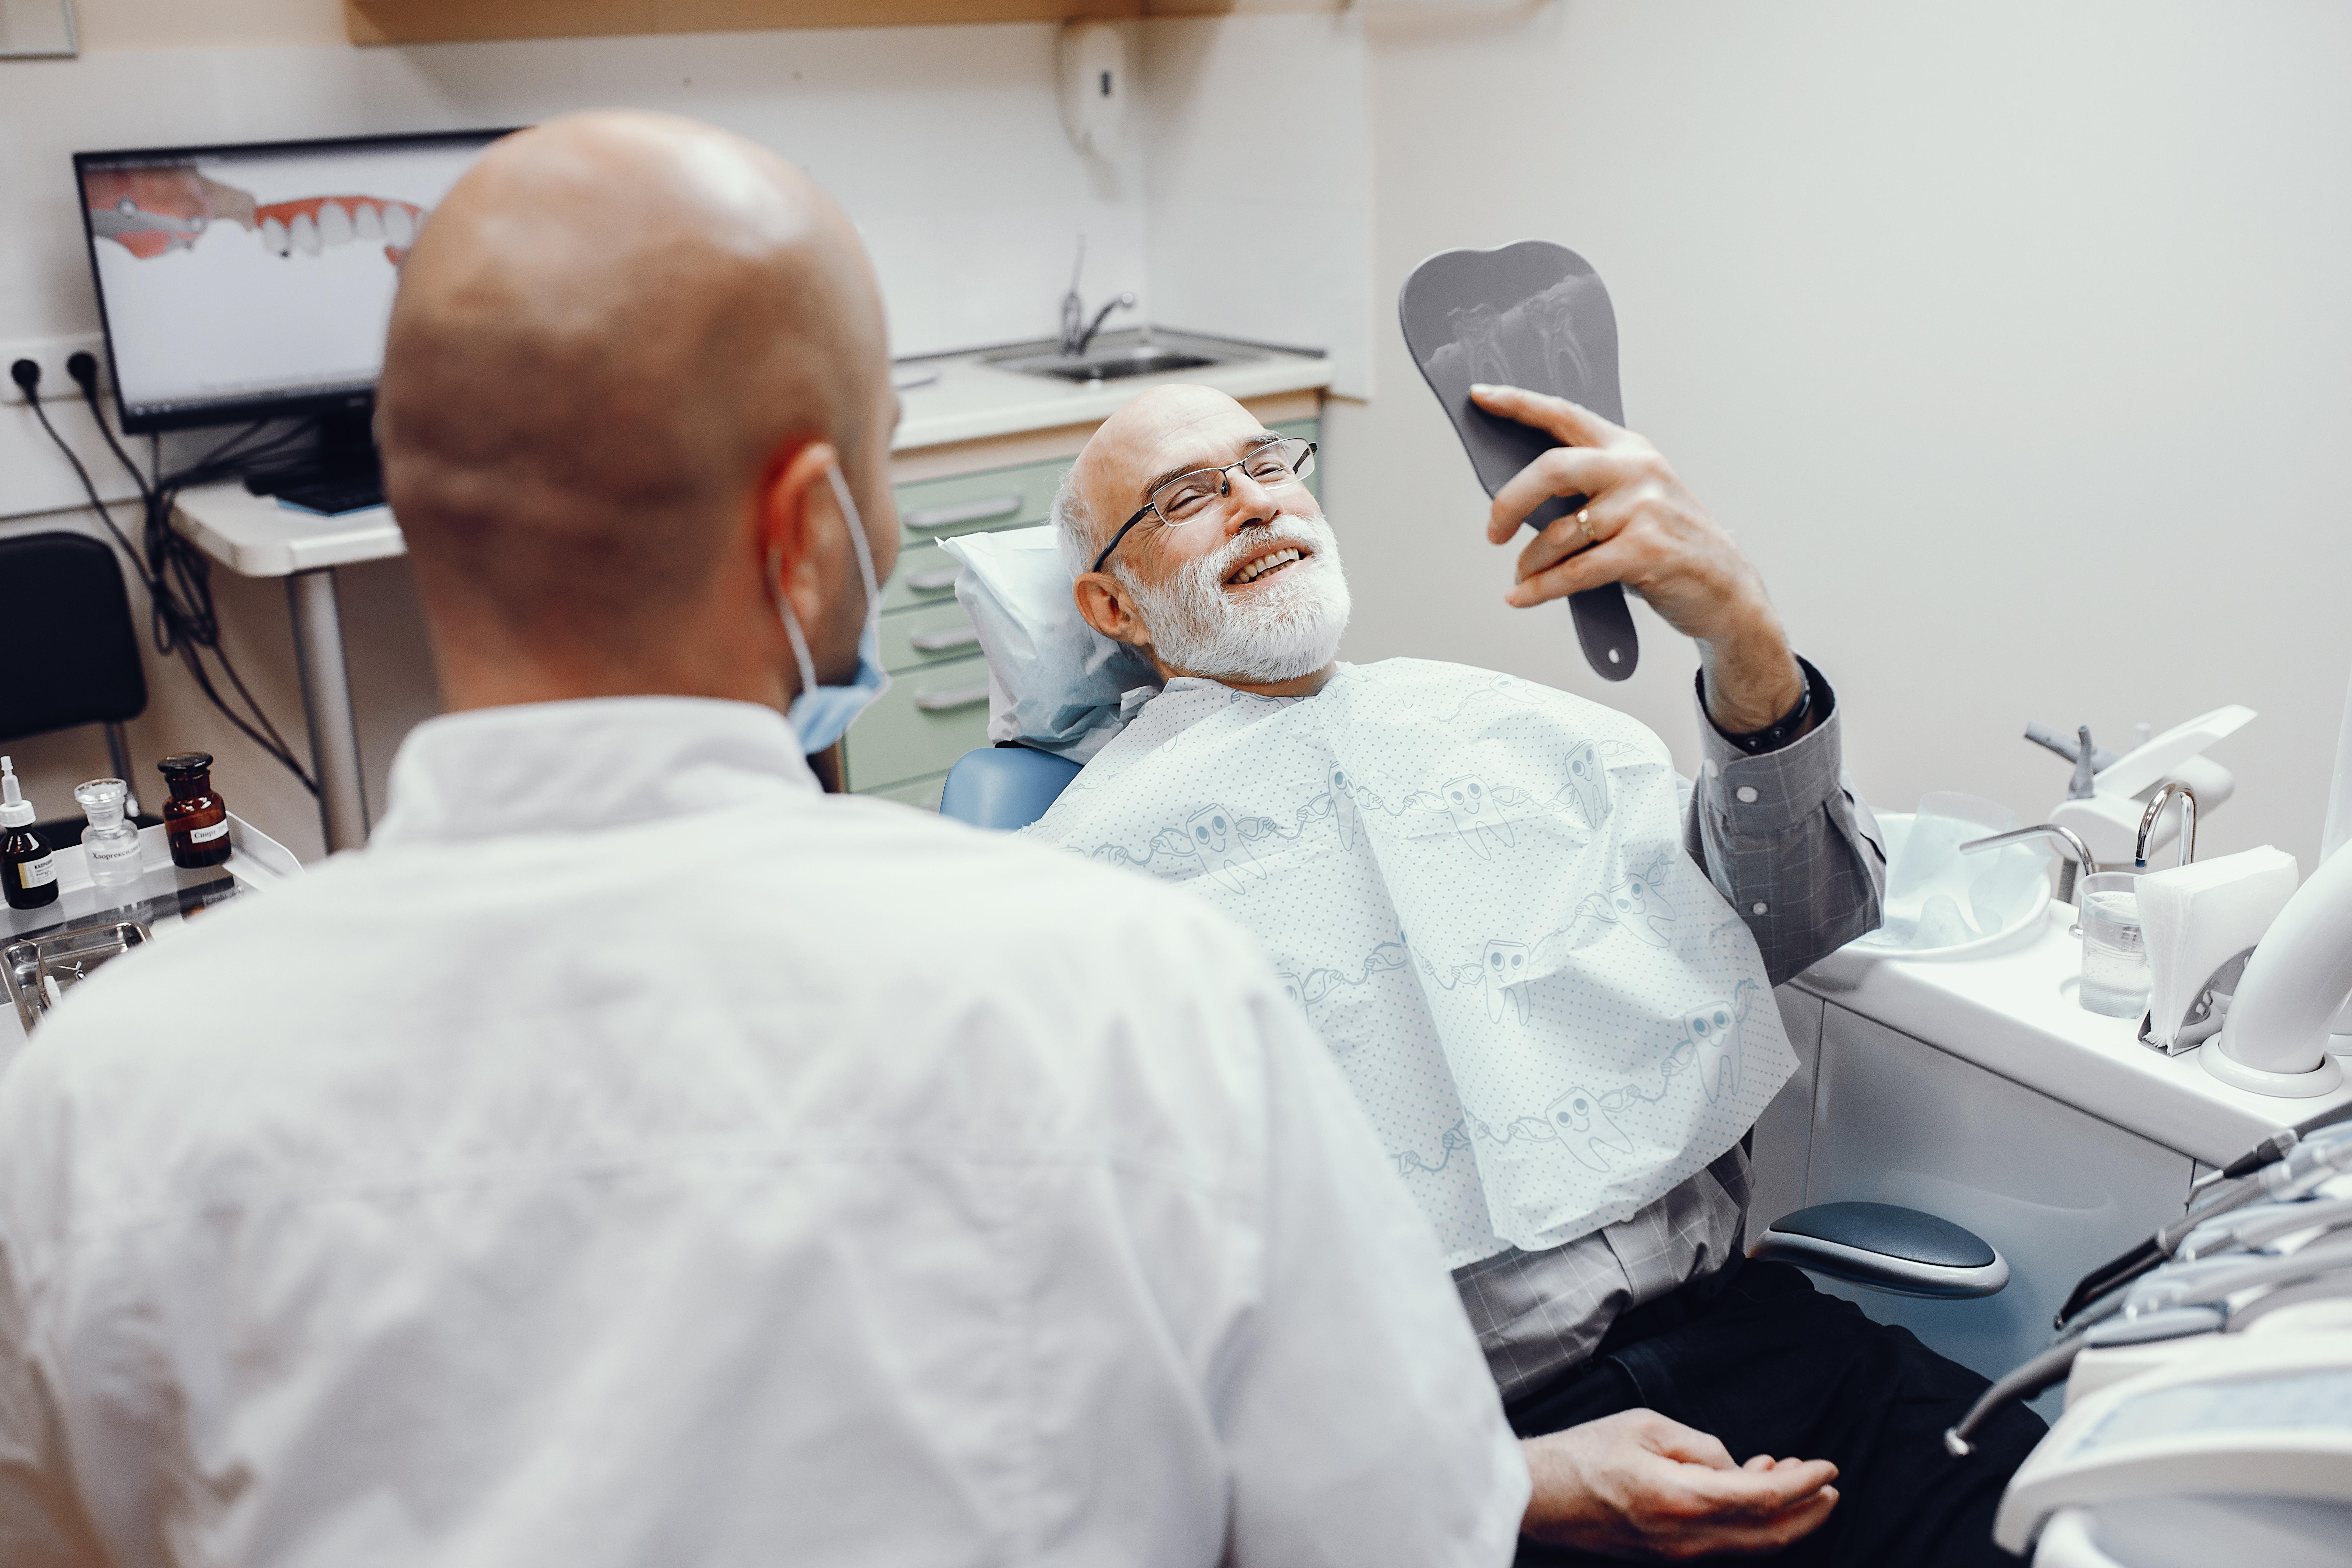 Usar dentadura: não é tão ruim quanto você pensa.